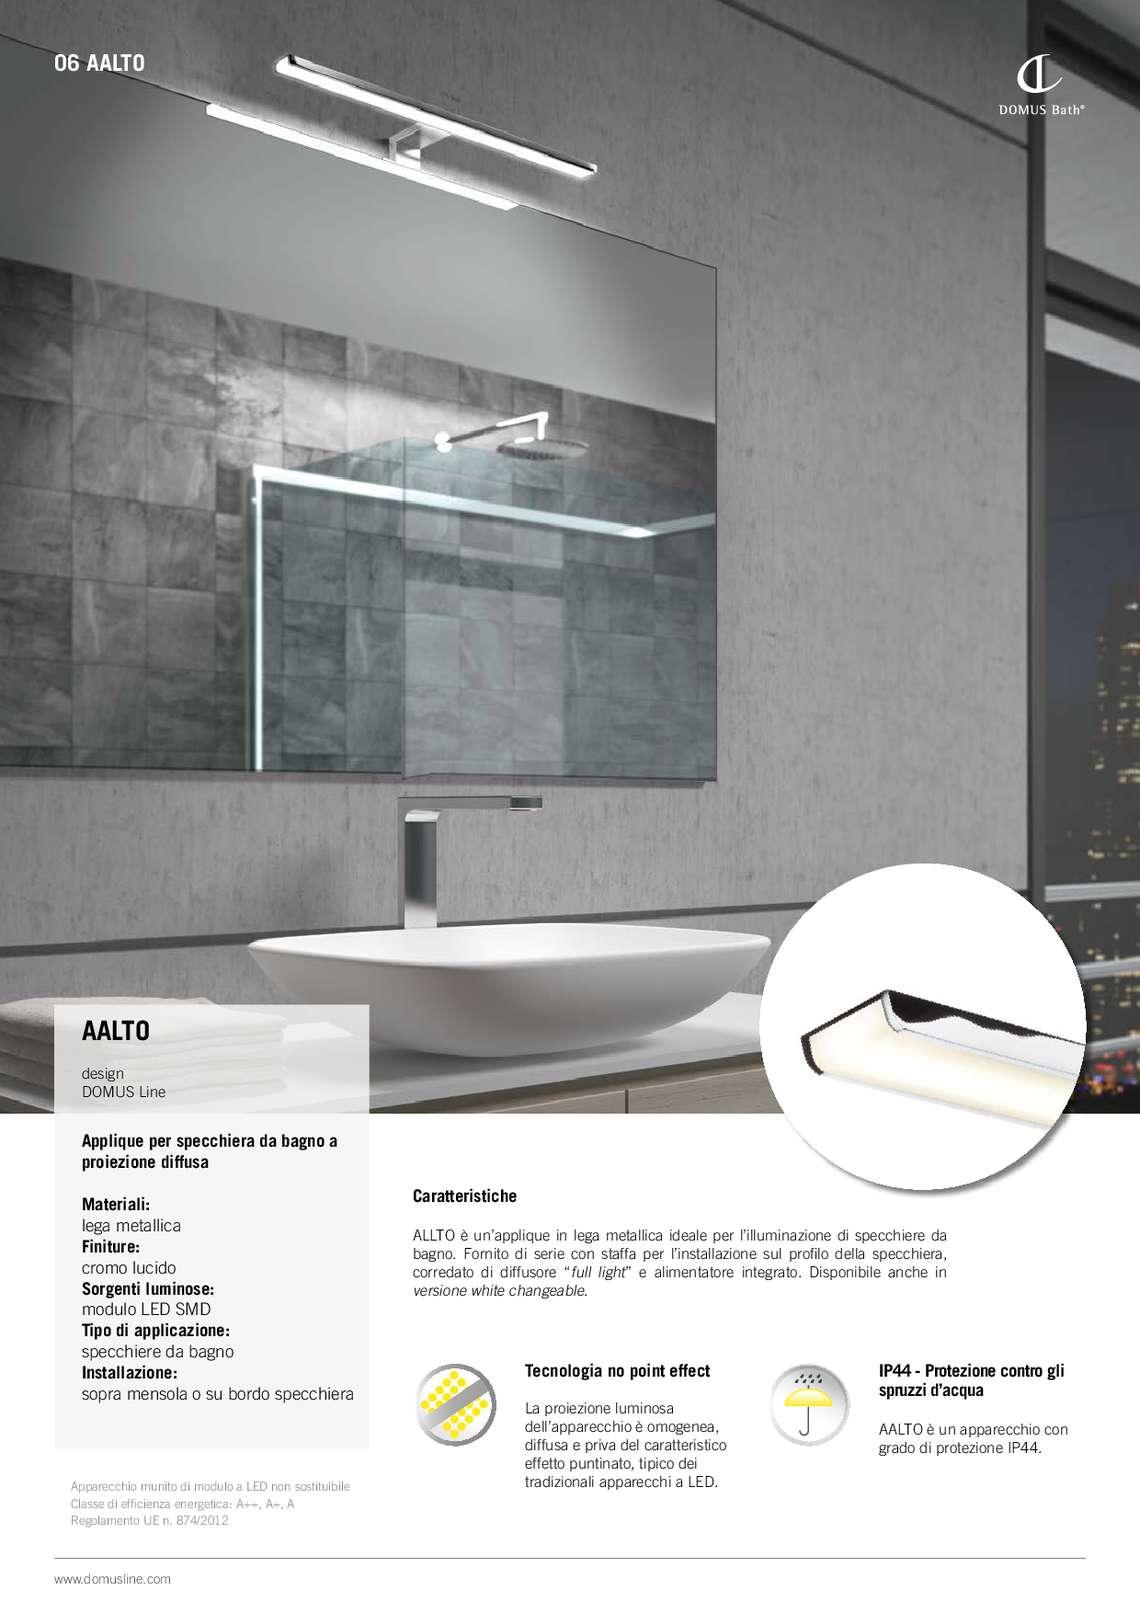 domus-line-bath_24_006.jpg